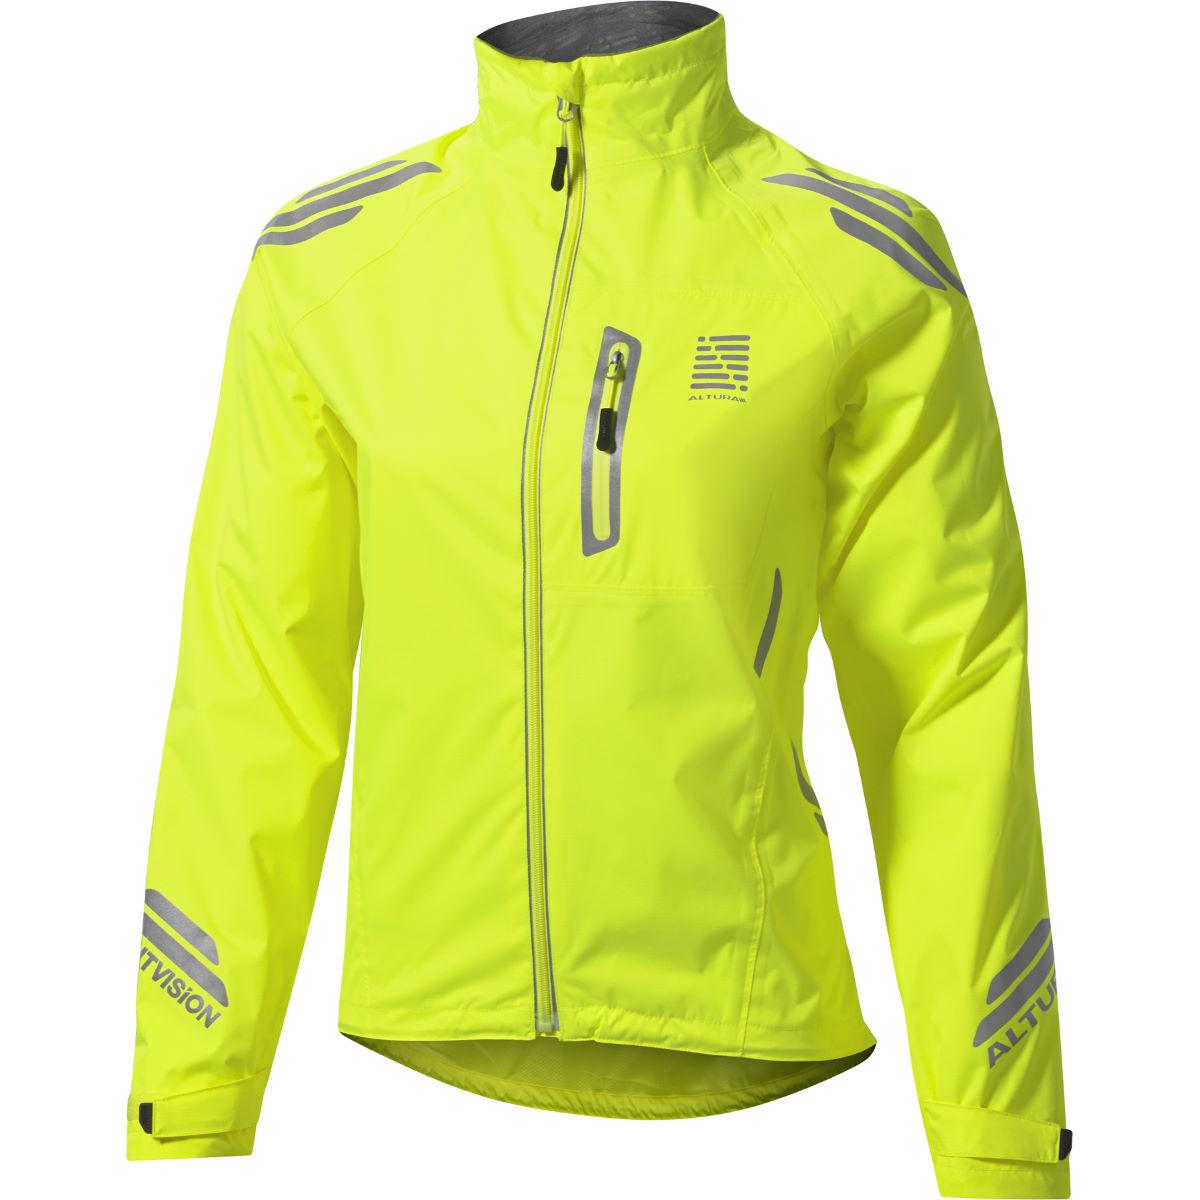 Chaqueta Altura Night Vision Evo para mujer - Impermeables - ciclismo